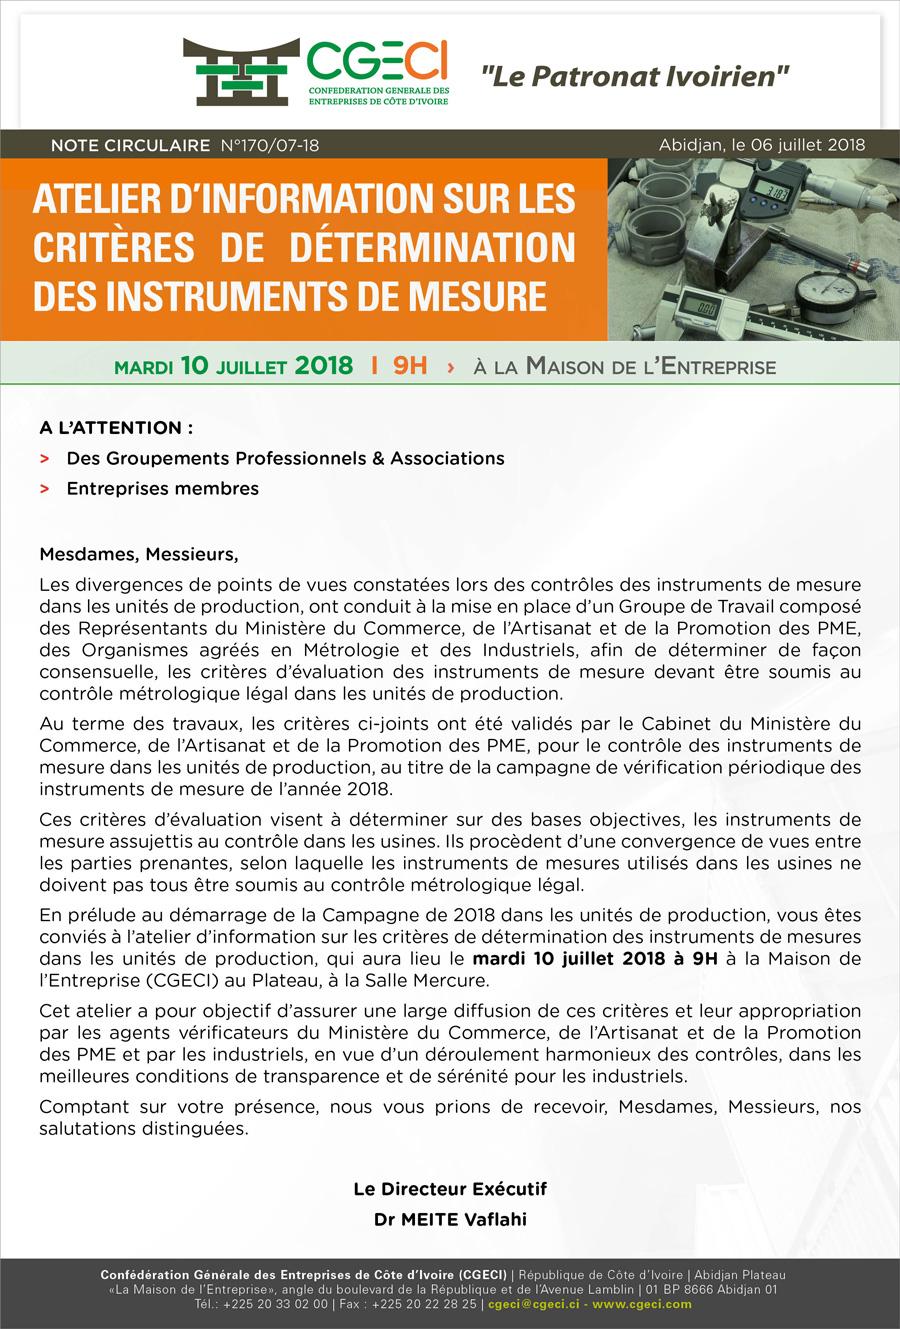 Urgent & Important| Atelier d'information sur les critères de détermination des instruments de mesure: proposition de Note circulaire